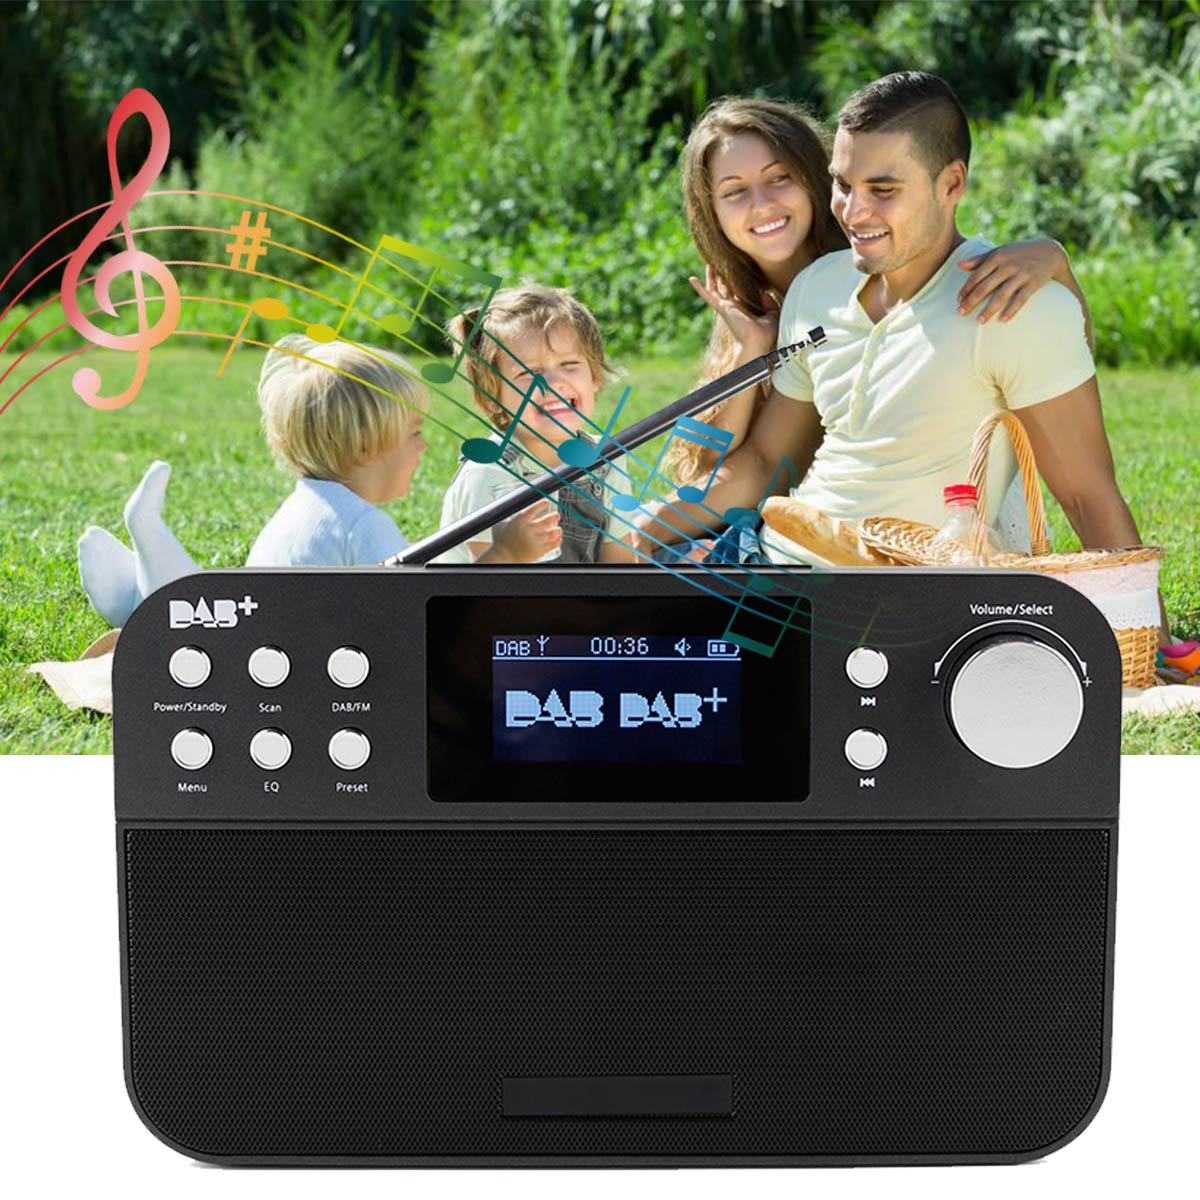 Portable Mini Radio numérique Récepteur FM Radio Avec horloge numérique lcd Snooze réveil Fonction Lecteur de Musique En Plein Air